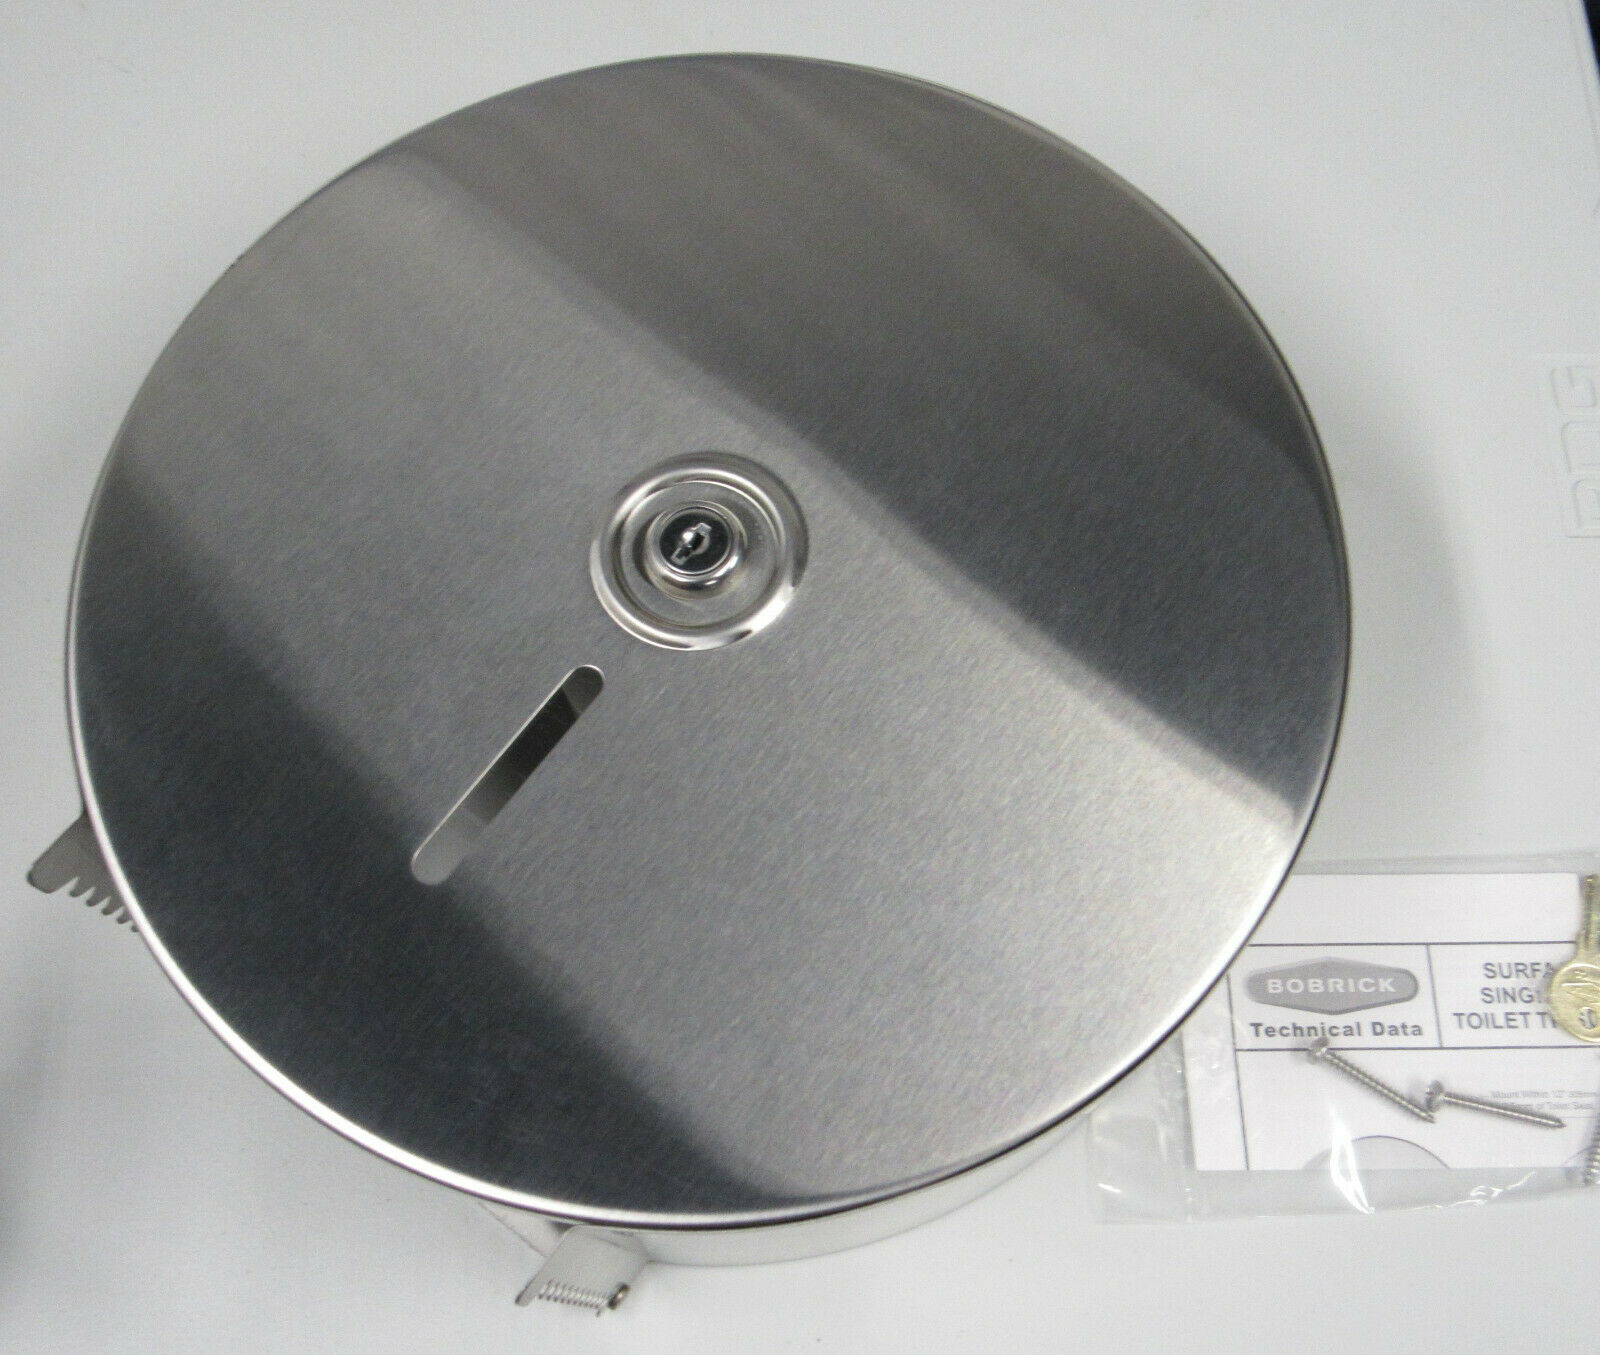 New Bobrick Jumbo Toilet Tissue Dispenser Stainless Steel B-2890 w/ Key